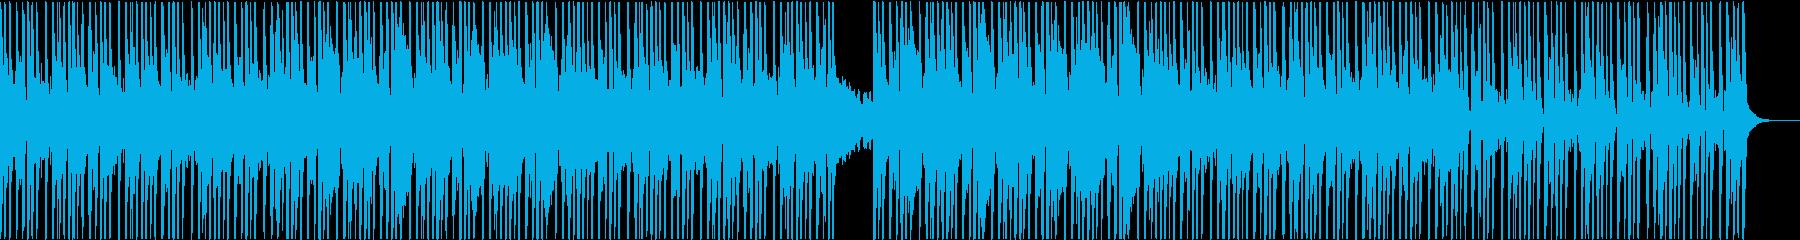 Secretの再生済みの波形